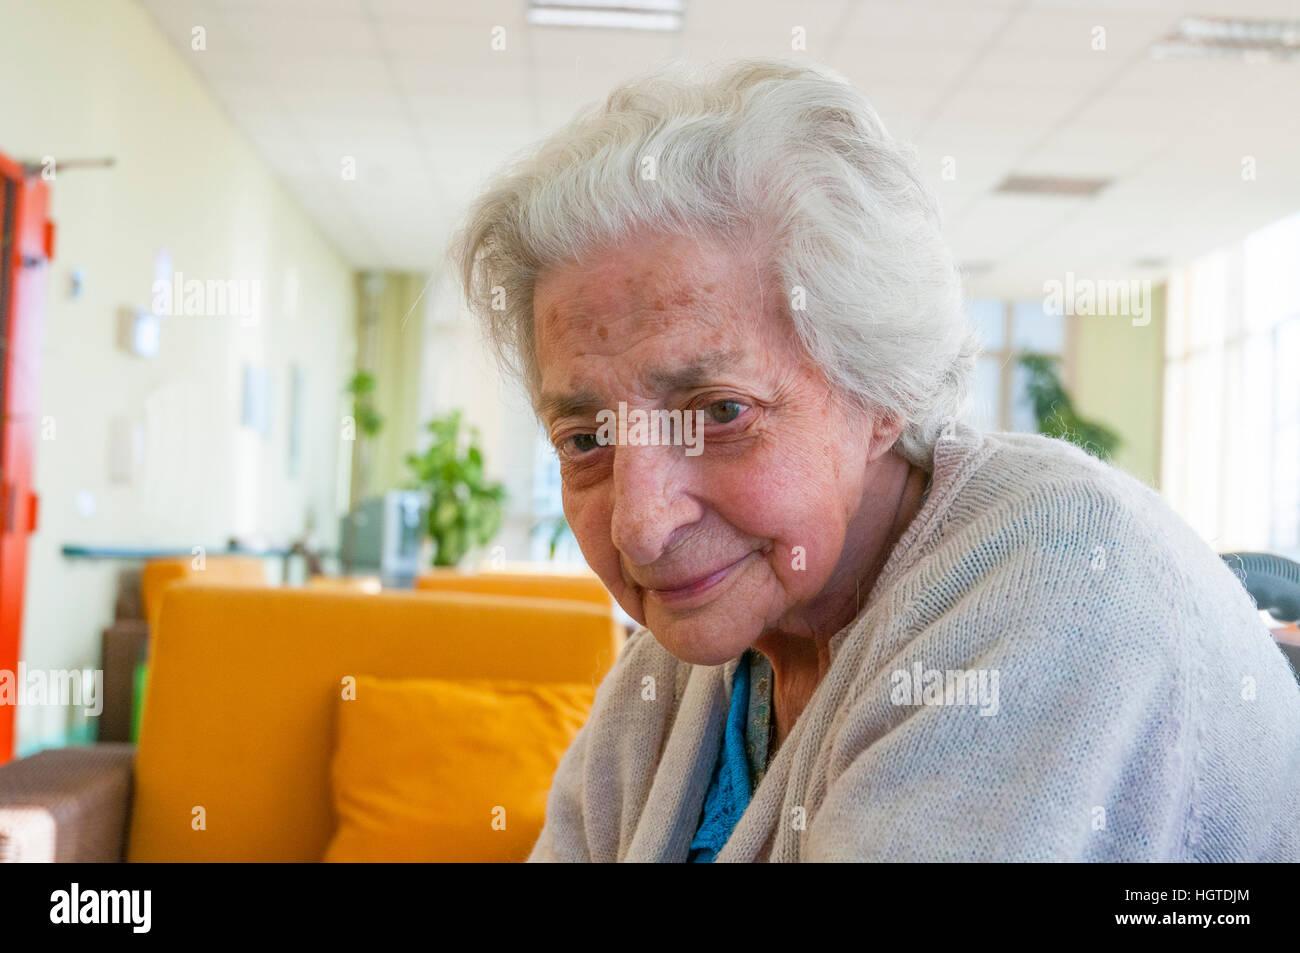 Portrait d'une femme âgée en souriant et regardant la caméra. Photo Stock